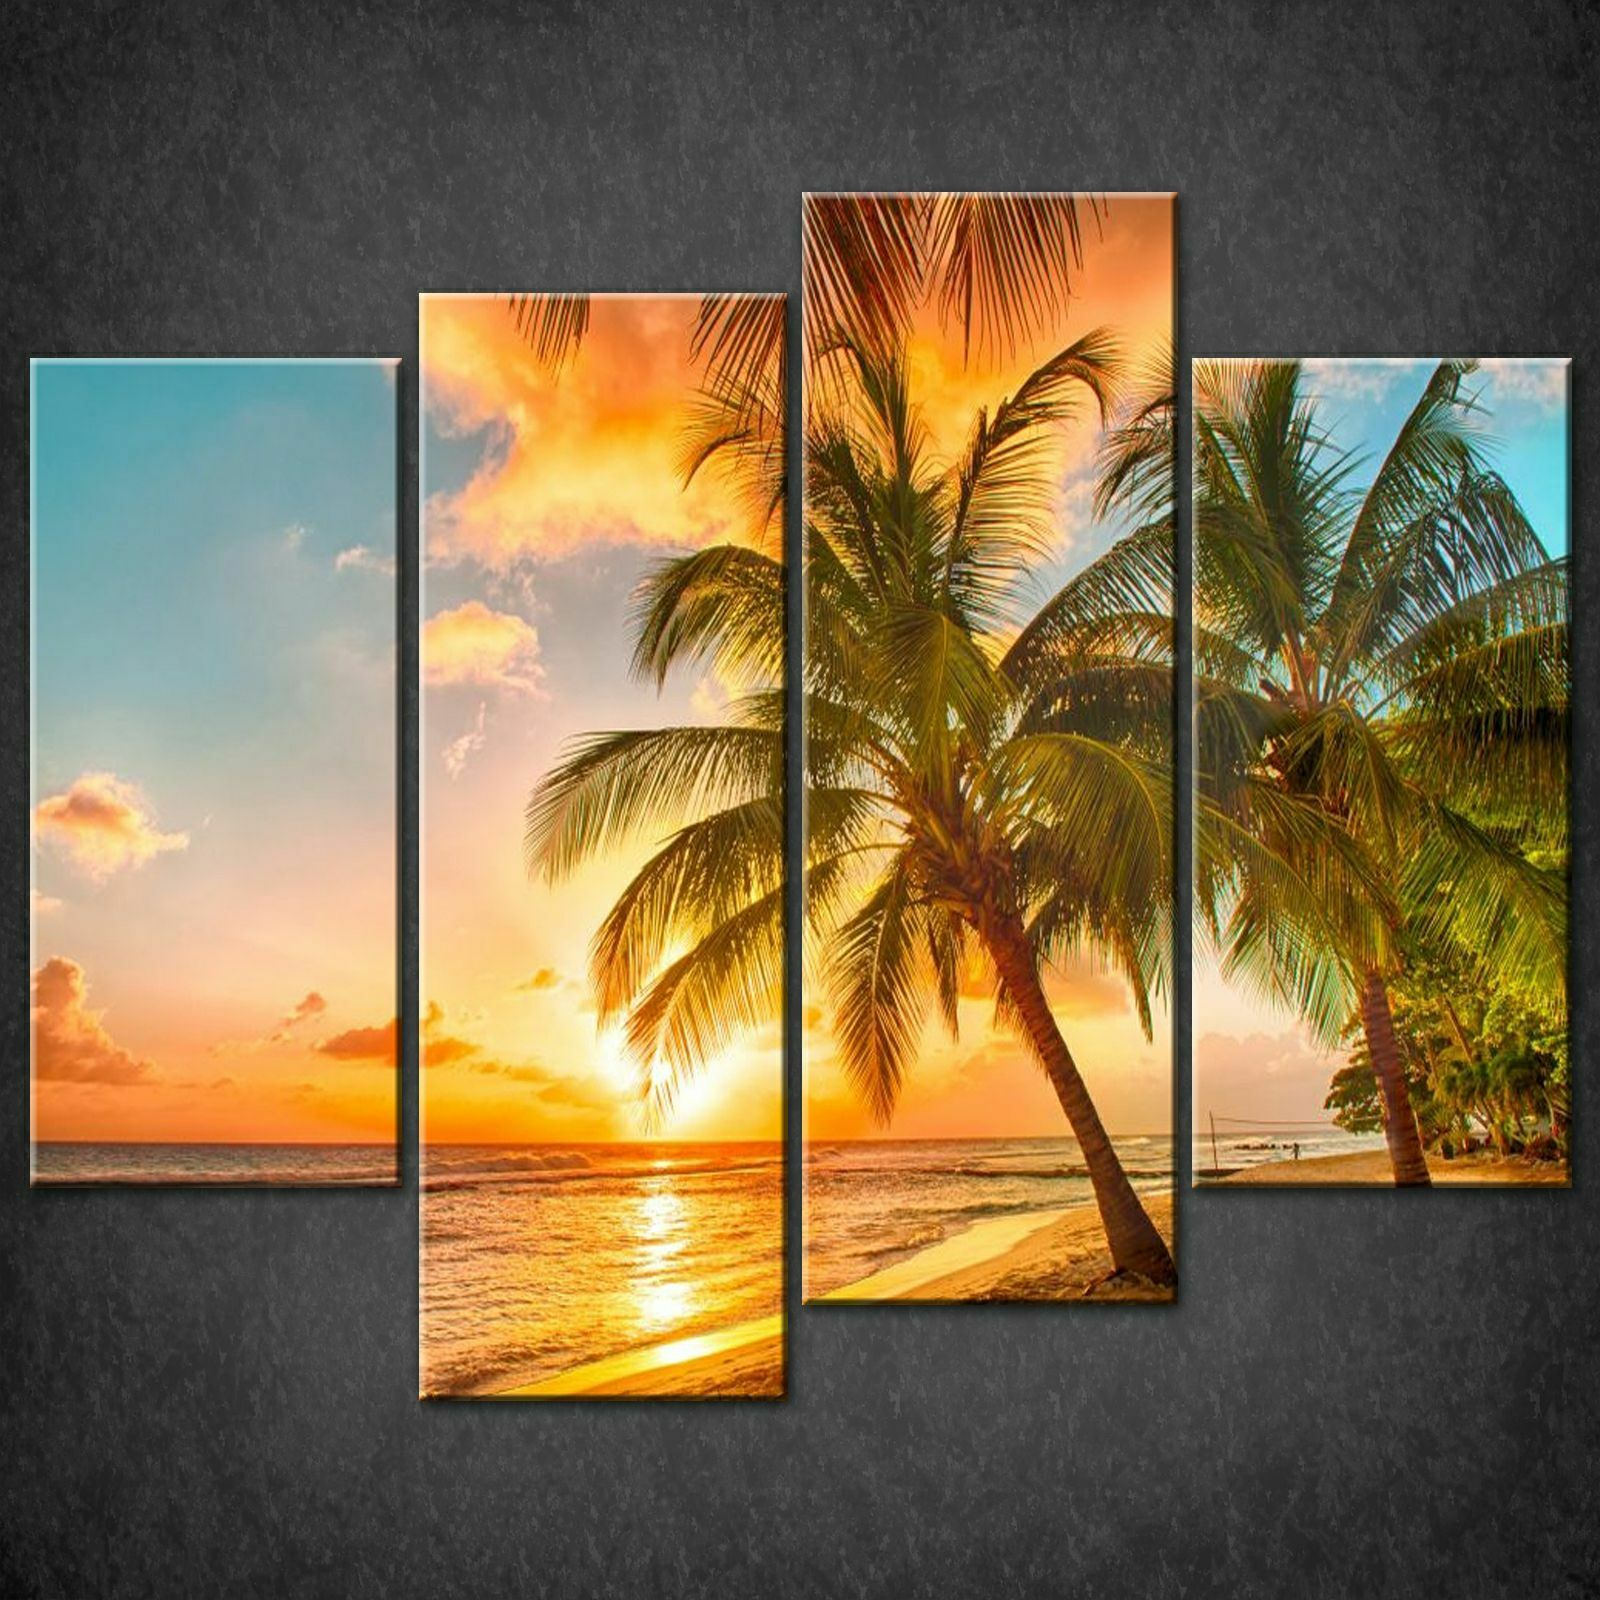 Barbados isola caraibica Foto Su Tela Stampa Wall Art libero consegna veloce